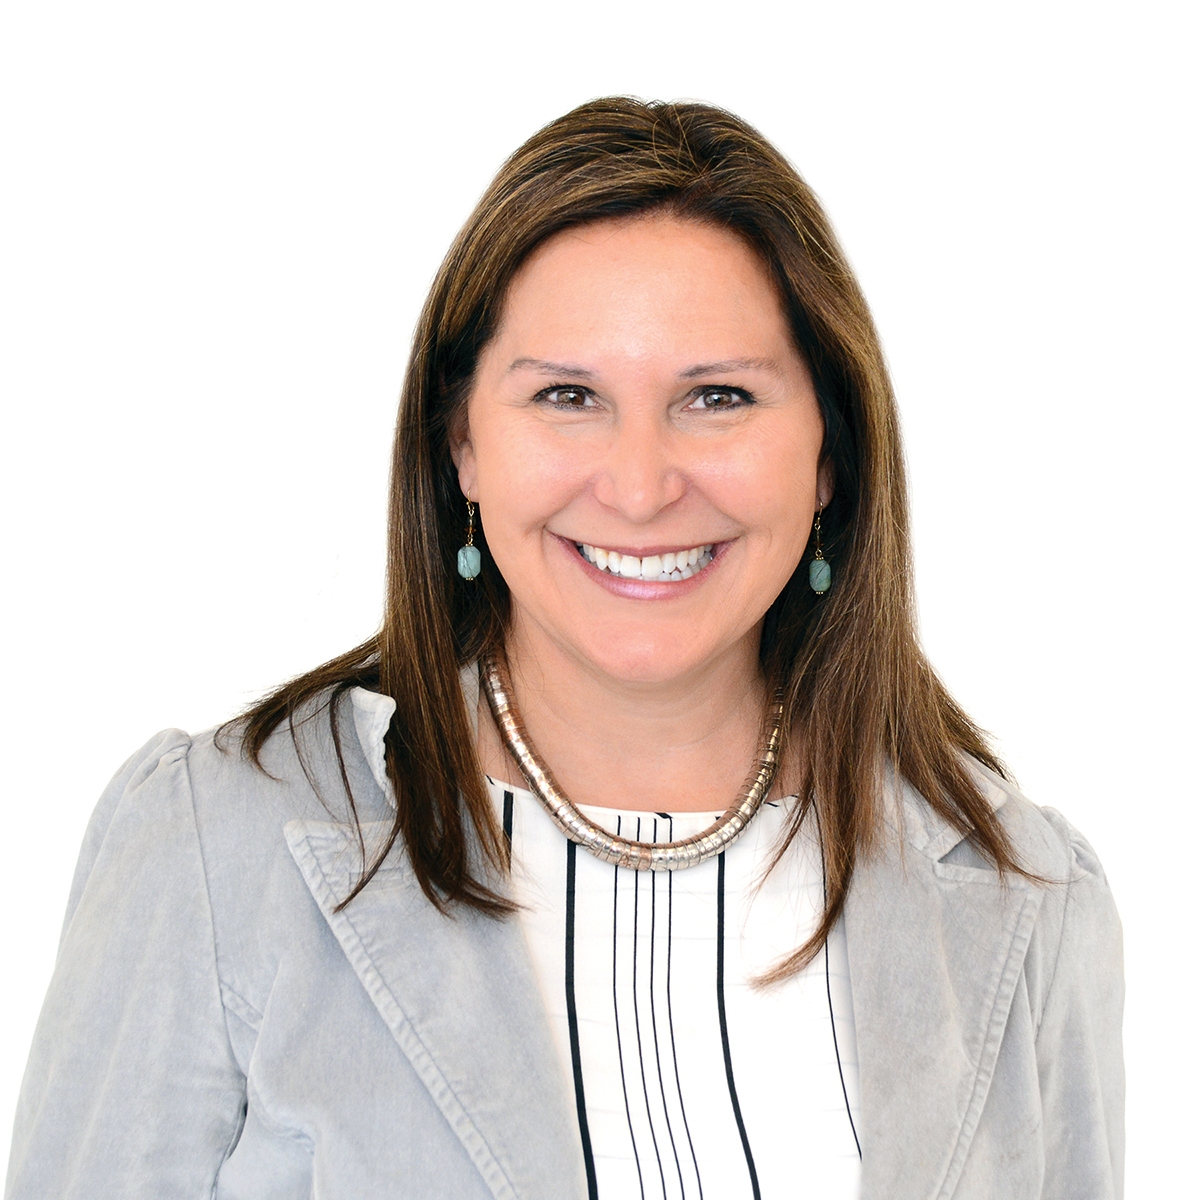 Joy Gallo